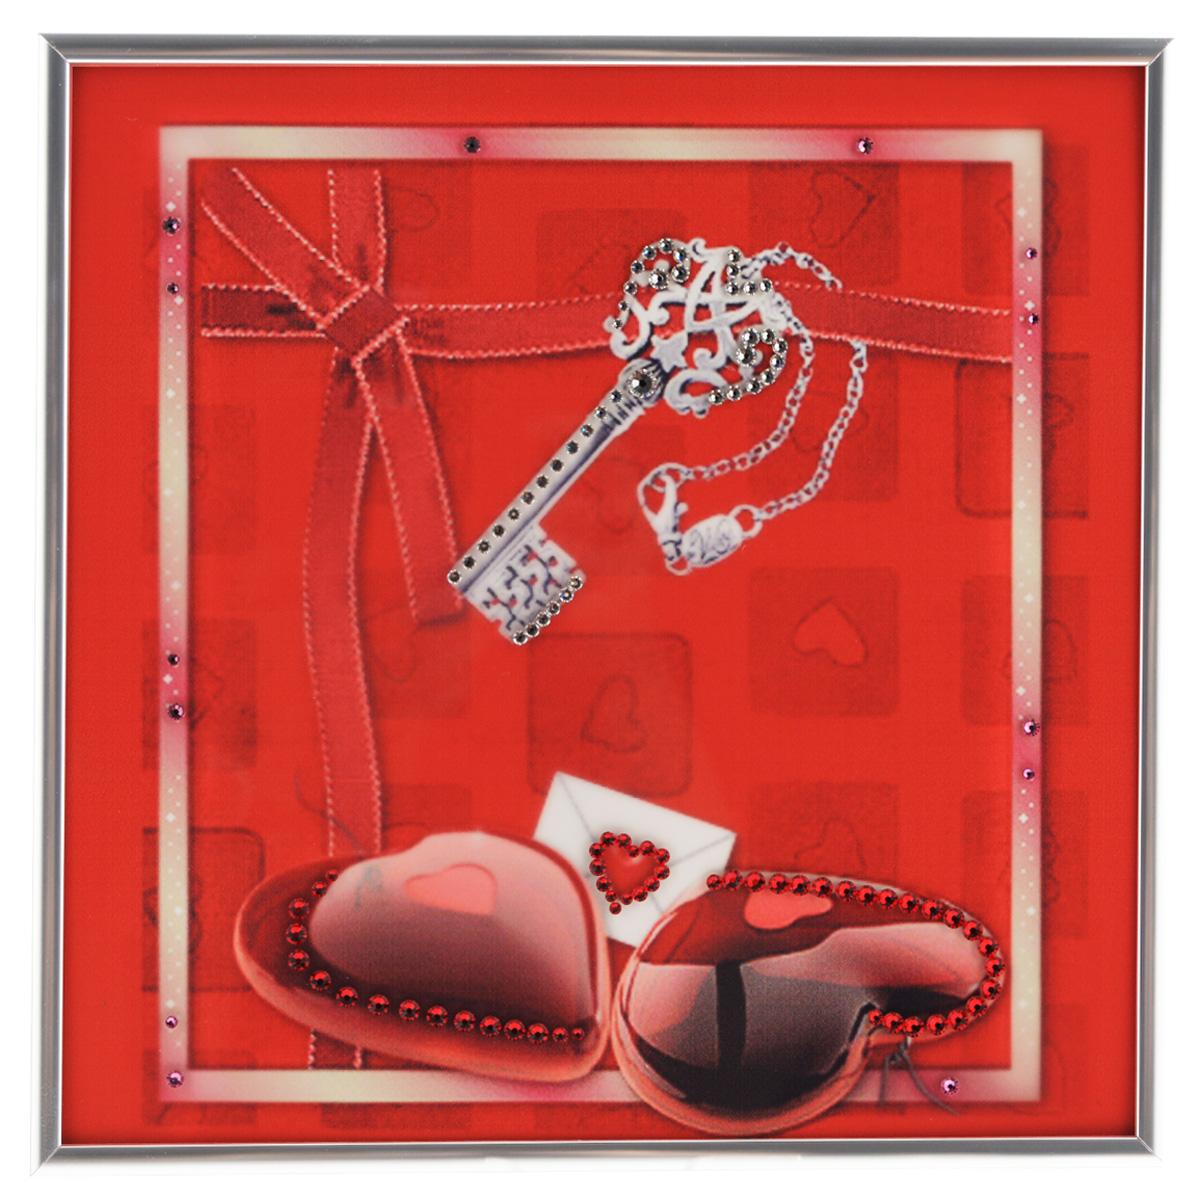 Картина с кристаллами Swarovski Ключ к сердцу, 26 х 26 см1324Изящная картина в металлической раме, инкрустирована кристаллами Swarovski, которые отличаются четкой и ровной огранкой, ярким блеском и чистотой цвета. Красочное изображение ключика и двух сердечек, расположенное под стеклом, прекрасно дополняет блеск кристаллов. С обратной стороны имеется металлическая петелька для размещения картины на стене. Картина с кристаллами Swarovski Ключ к сердцу элегантно украсит интерьер дома или офиса, а также станет прекрасным подарком, который обязательно понравится получателю. Блеск кристаллов в интерьере, что может быть сказочнее и удивительнее. Картина упакована в подарочную картонную коробку синего цвета и комплектуется сертификатом соответствия Swarovski.